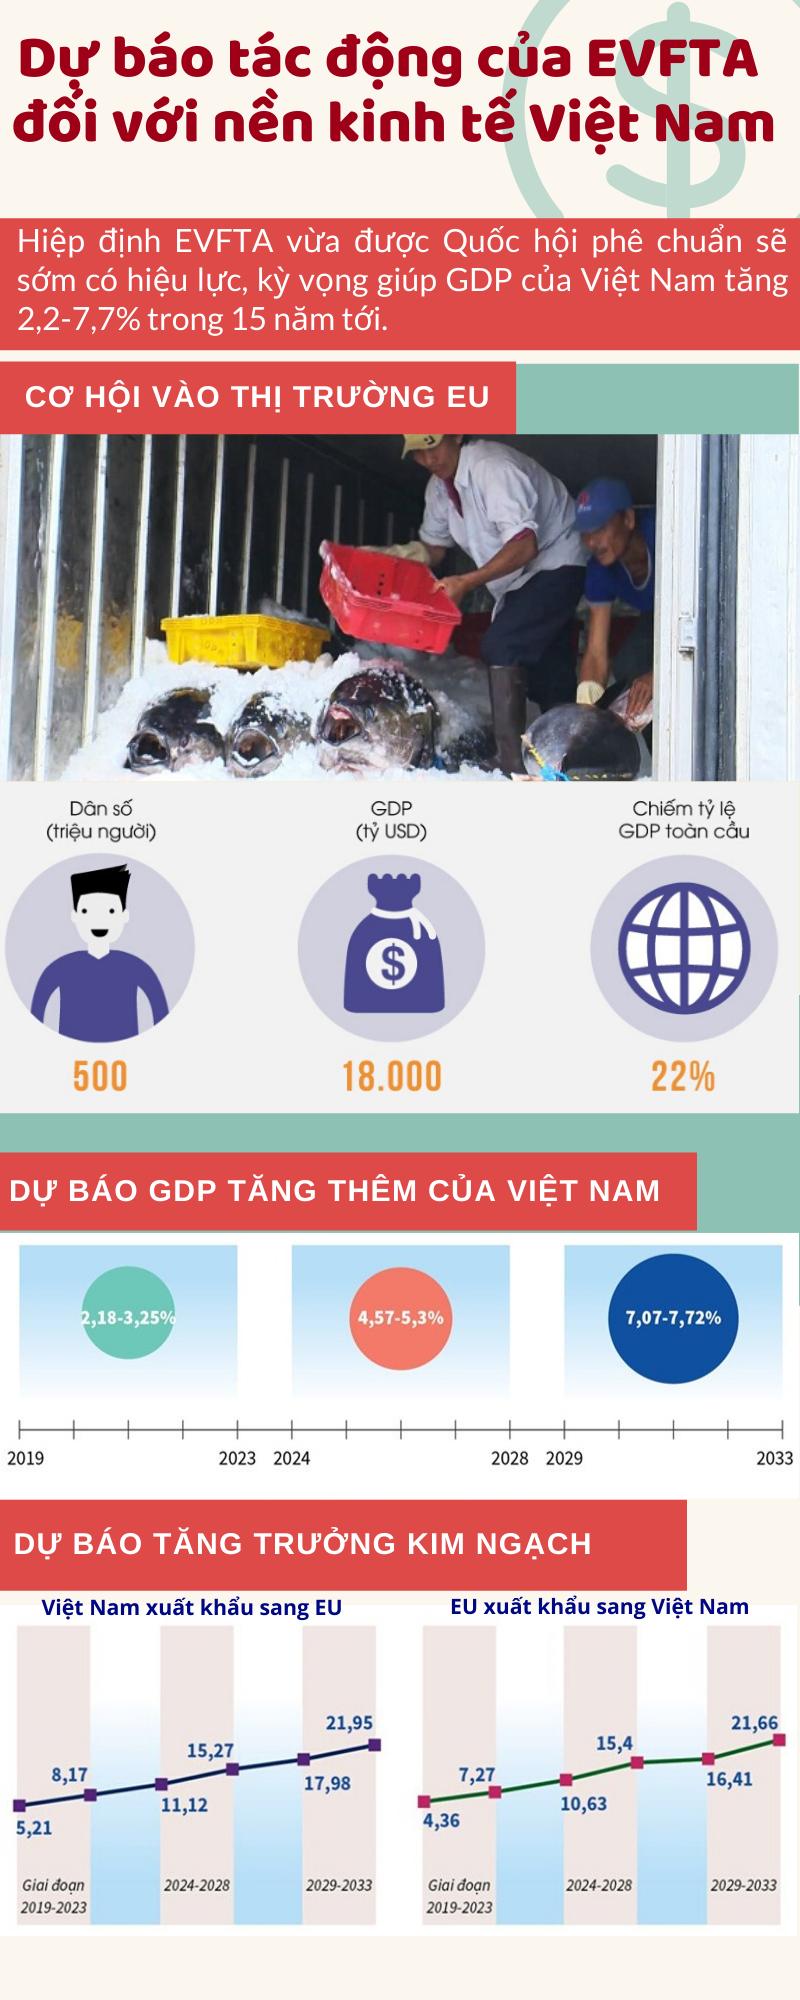 Dự báo tác động của EVFTA đối với nền kinh tế Việt Nam - Ảnh 1.